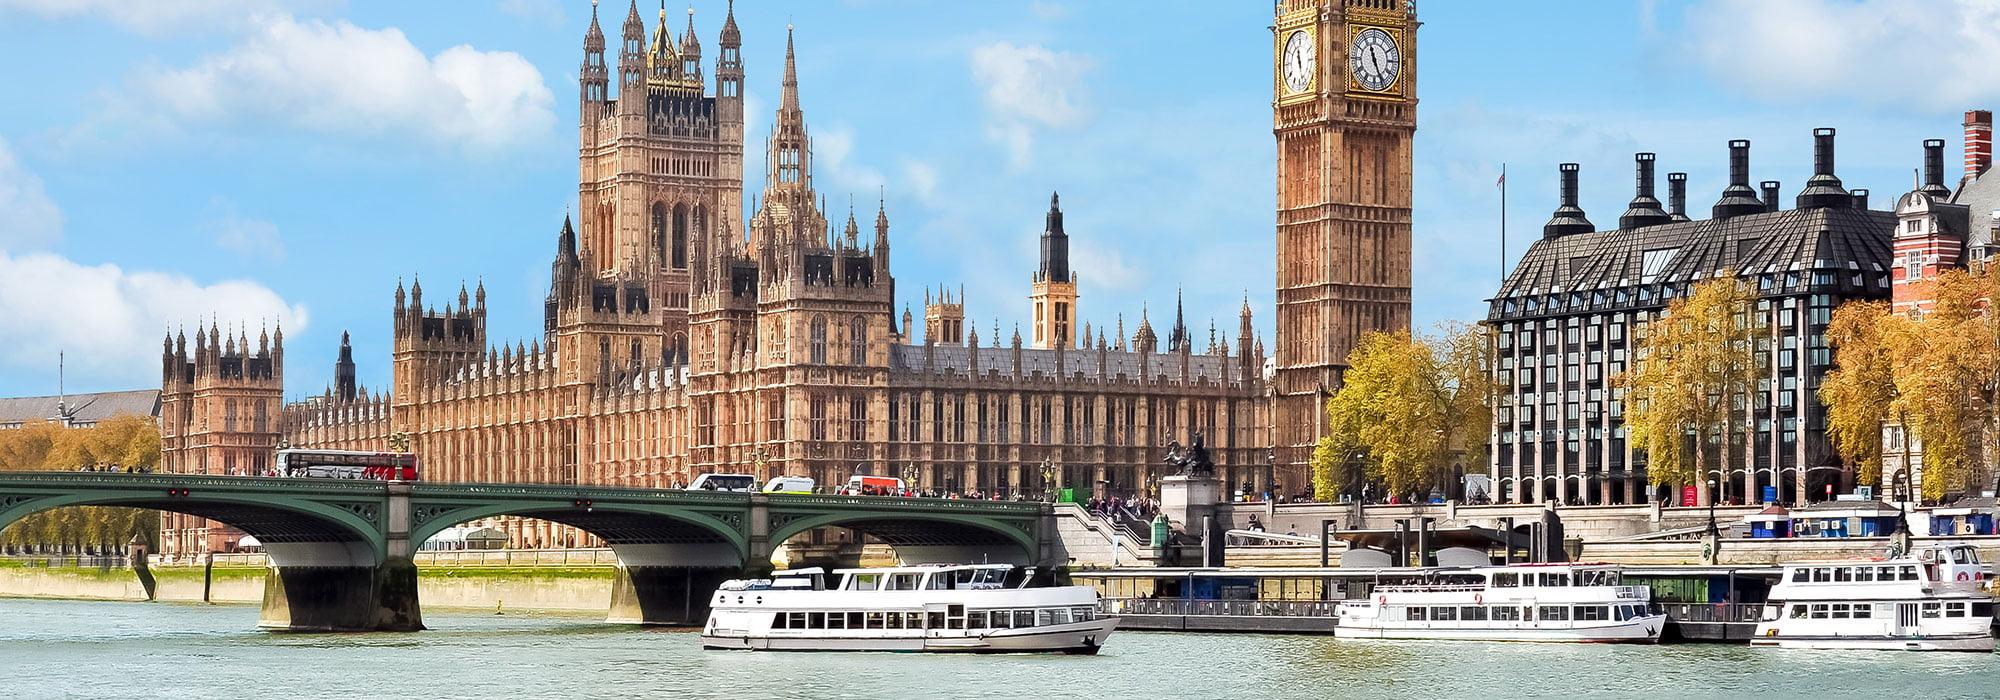 Bootstour auf der Themse in London